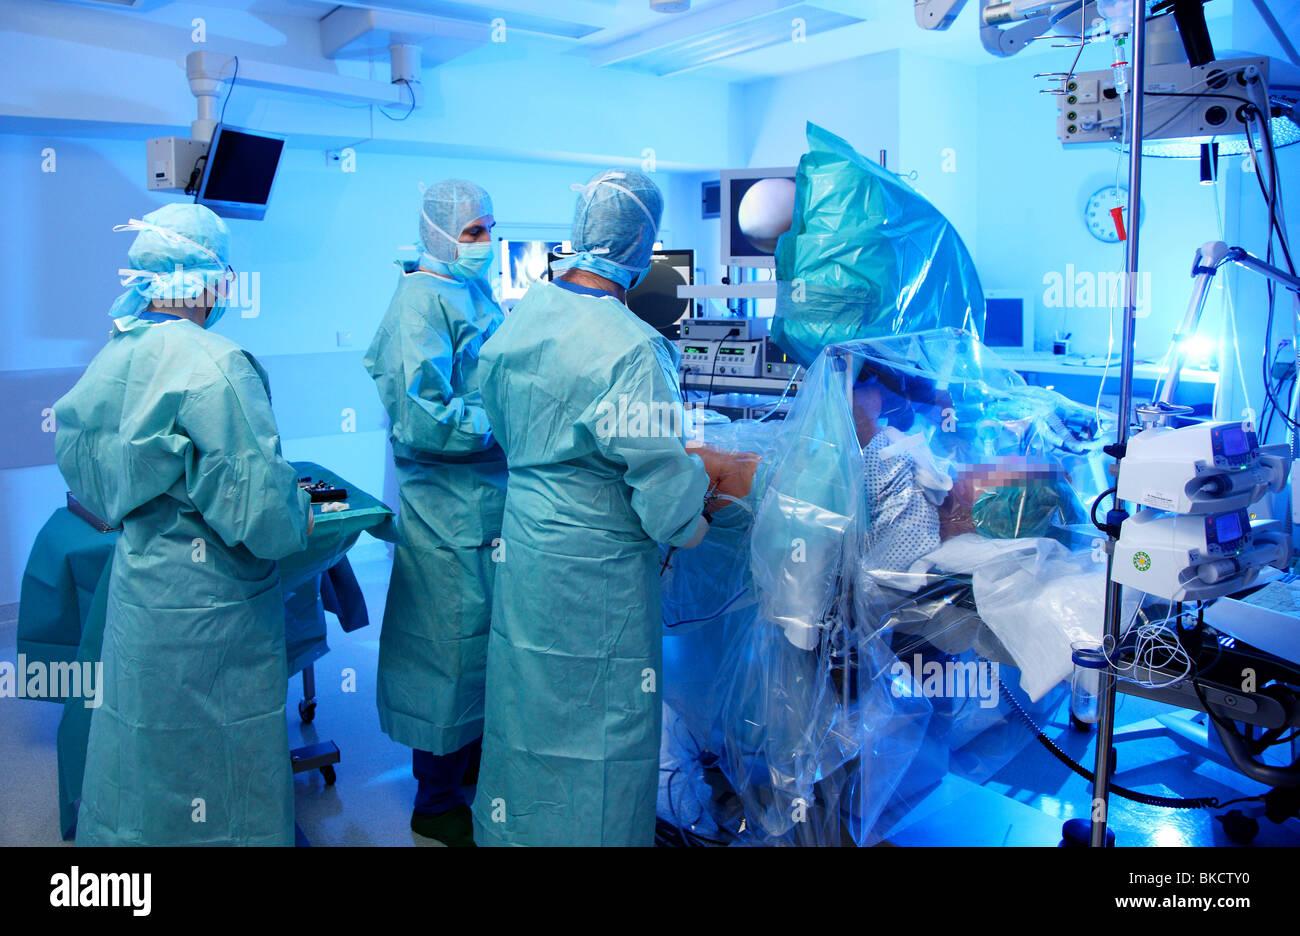 La chirurgie, hôpital salle d'opération, la chirurgie arthroscopique d'une hanche. Photo Stock